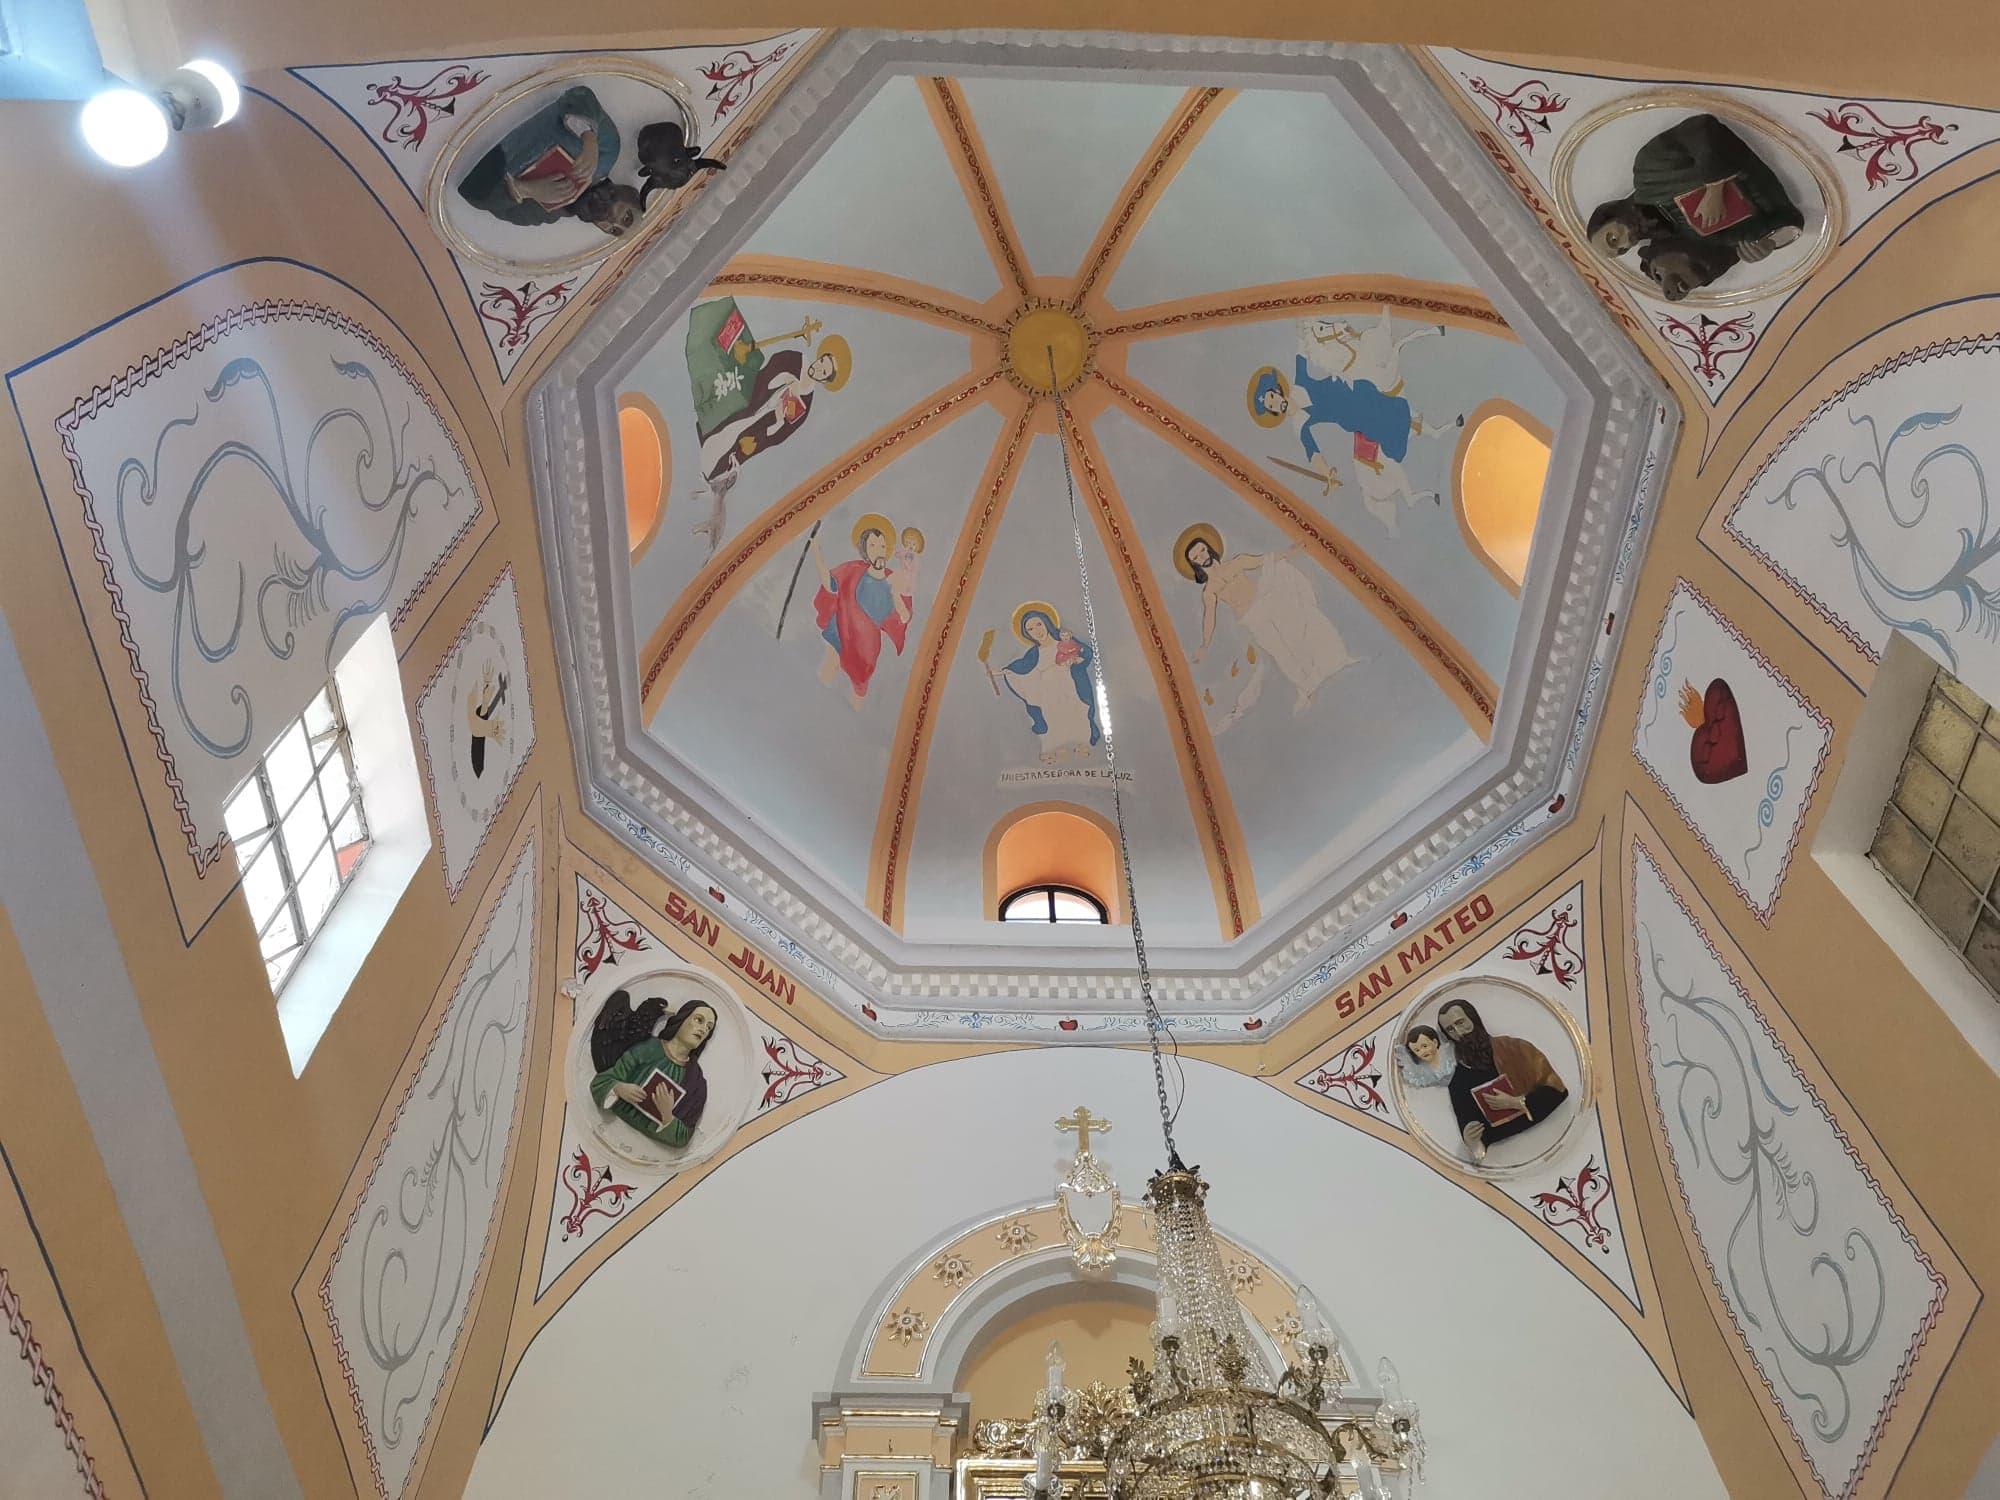 Reabren iglesia de Nuestra Señora de la Luz en Izúcar